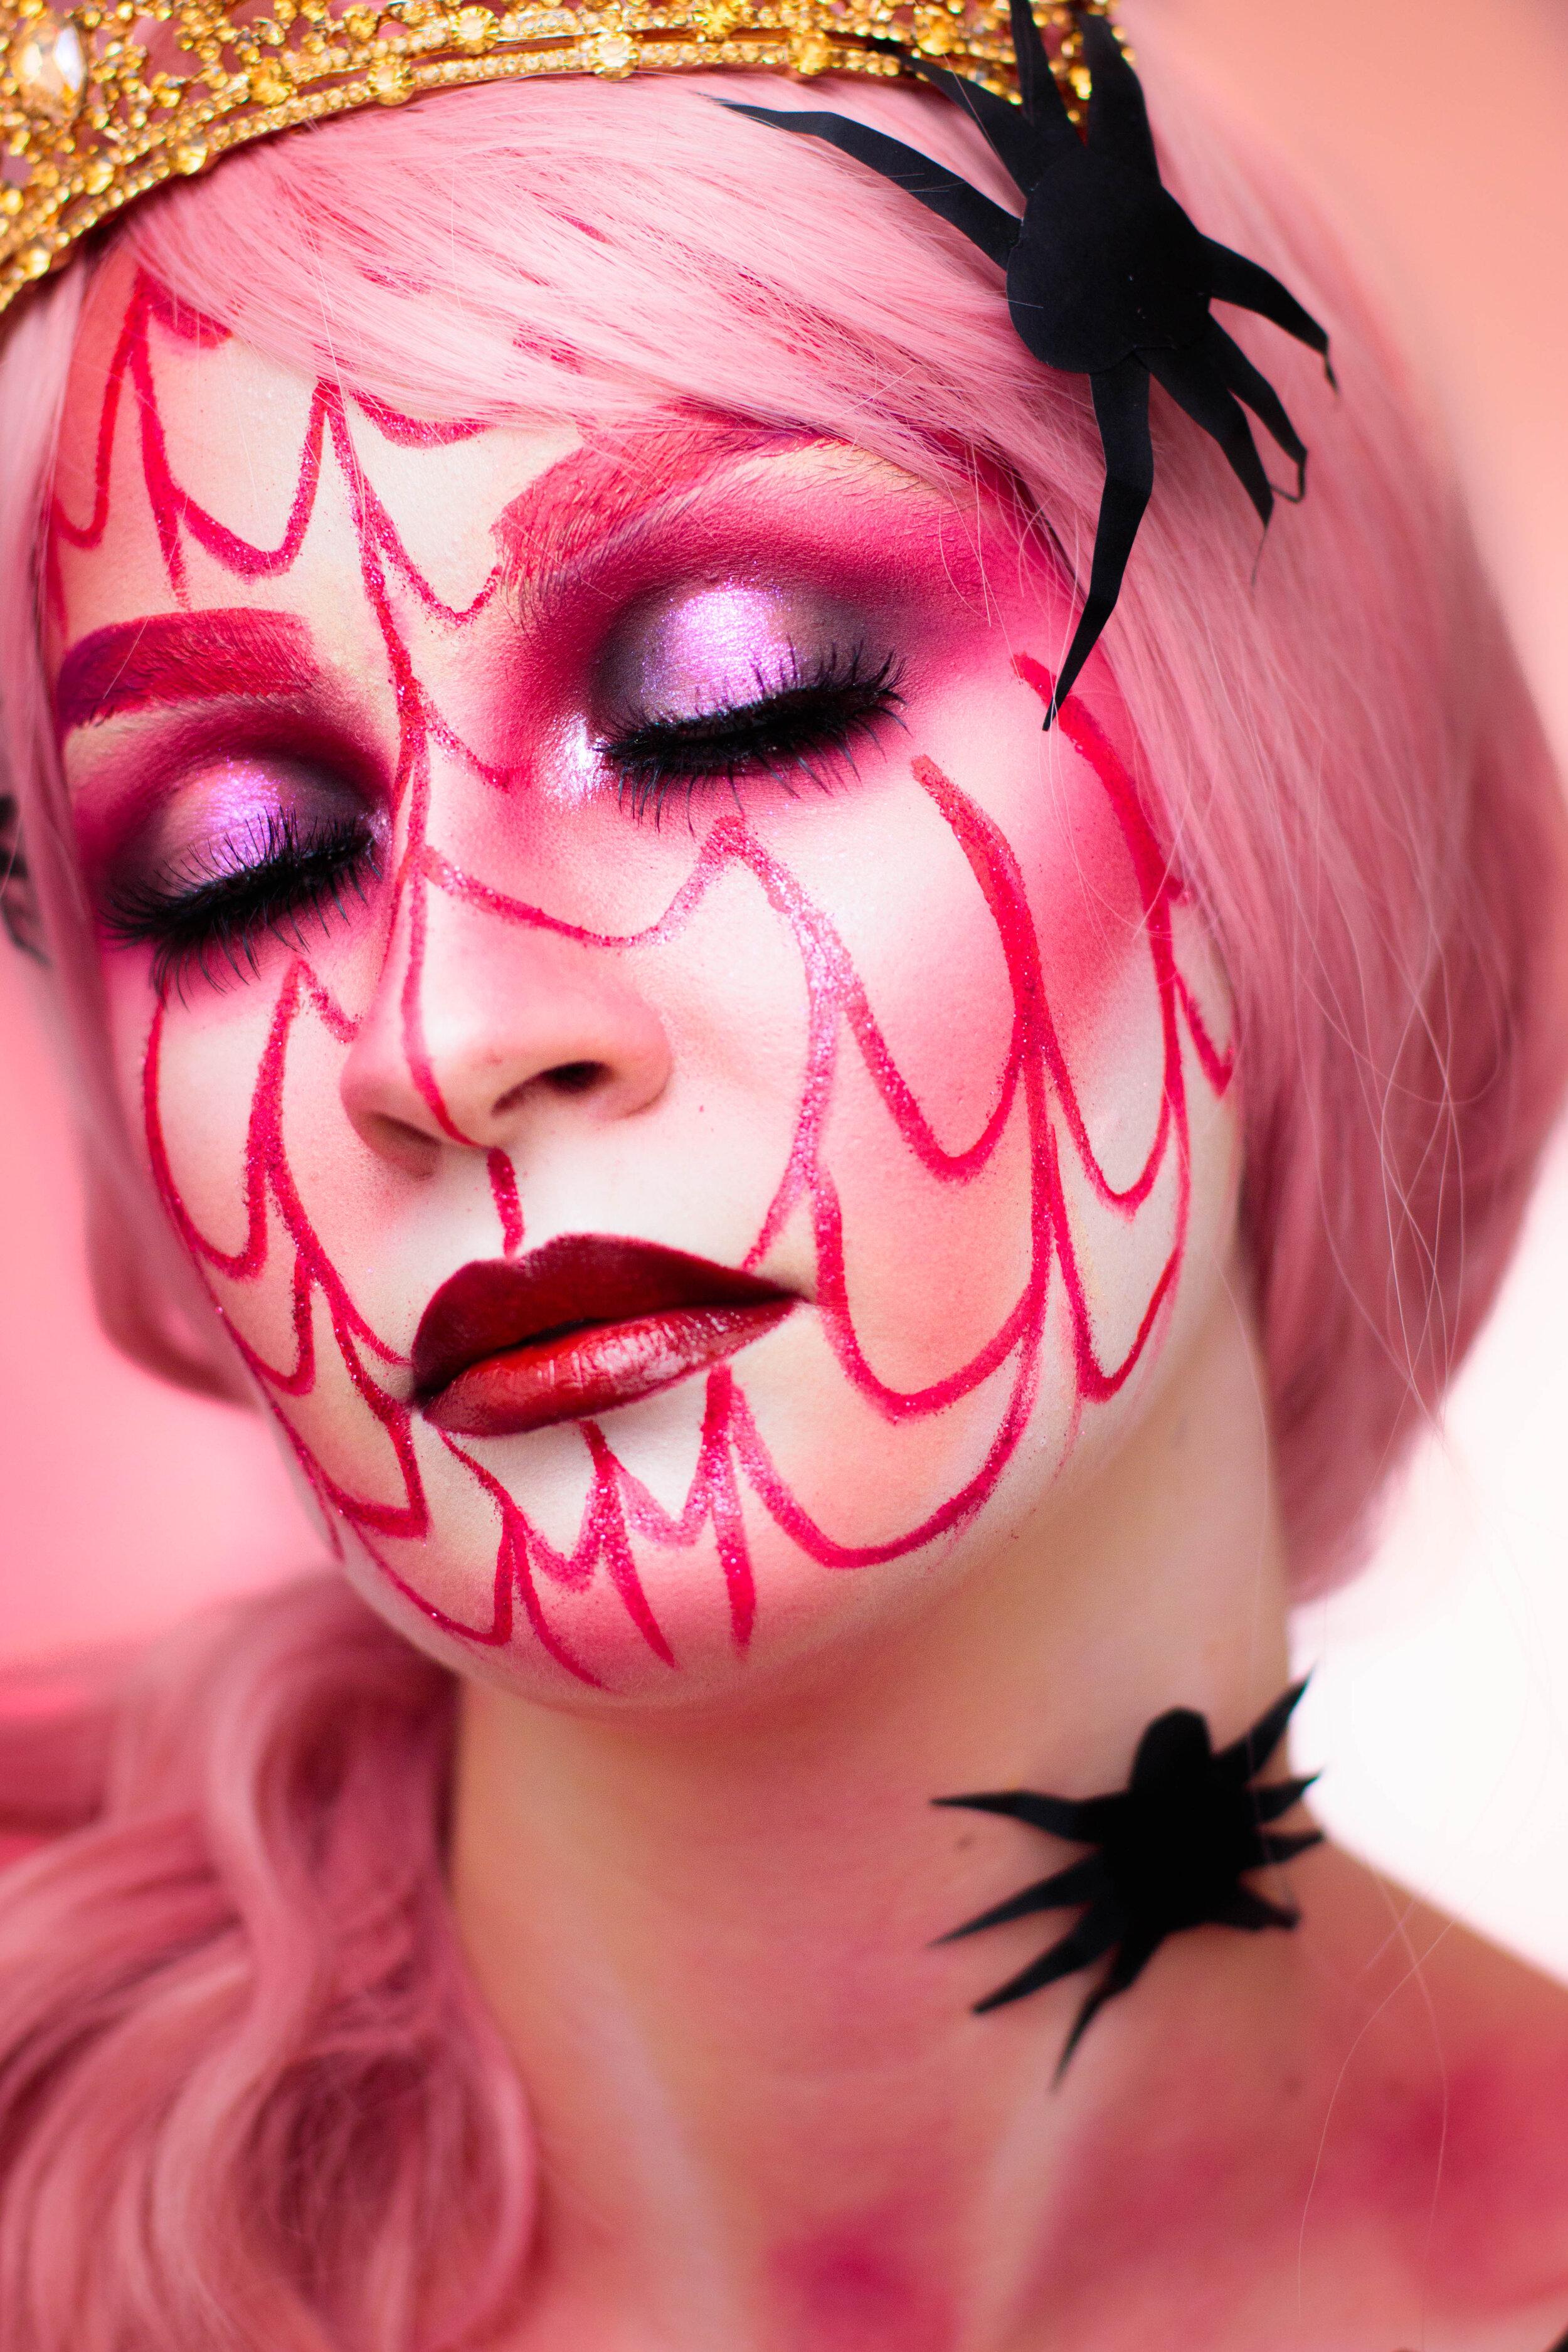 spider-queen-halloween-makeup-pauuulette-3.jpg